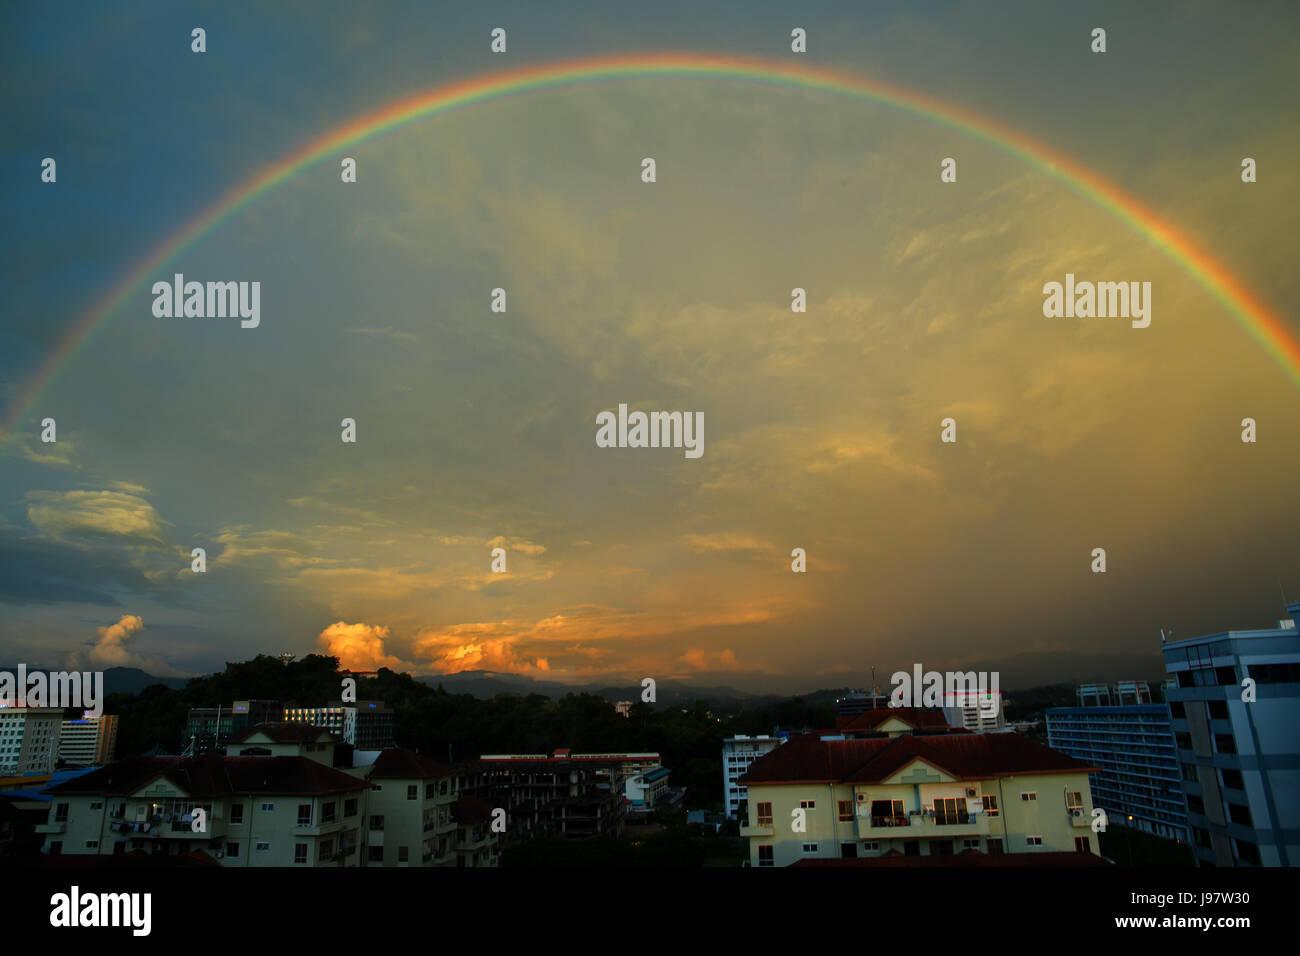 Beautiful evening rainbow over Kota Kinabalu, Sabah, Malaysia. - Stock Image